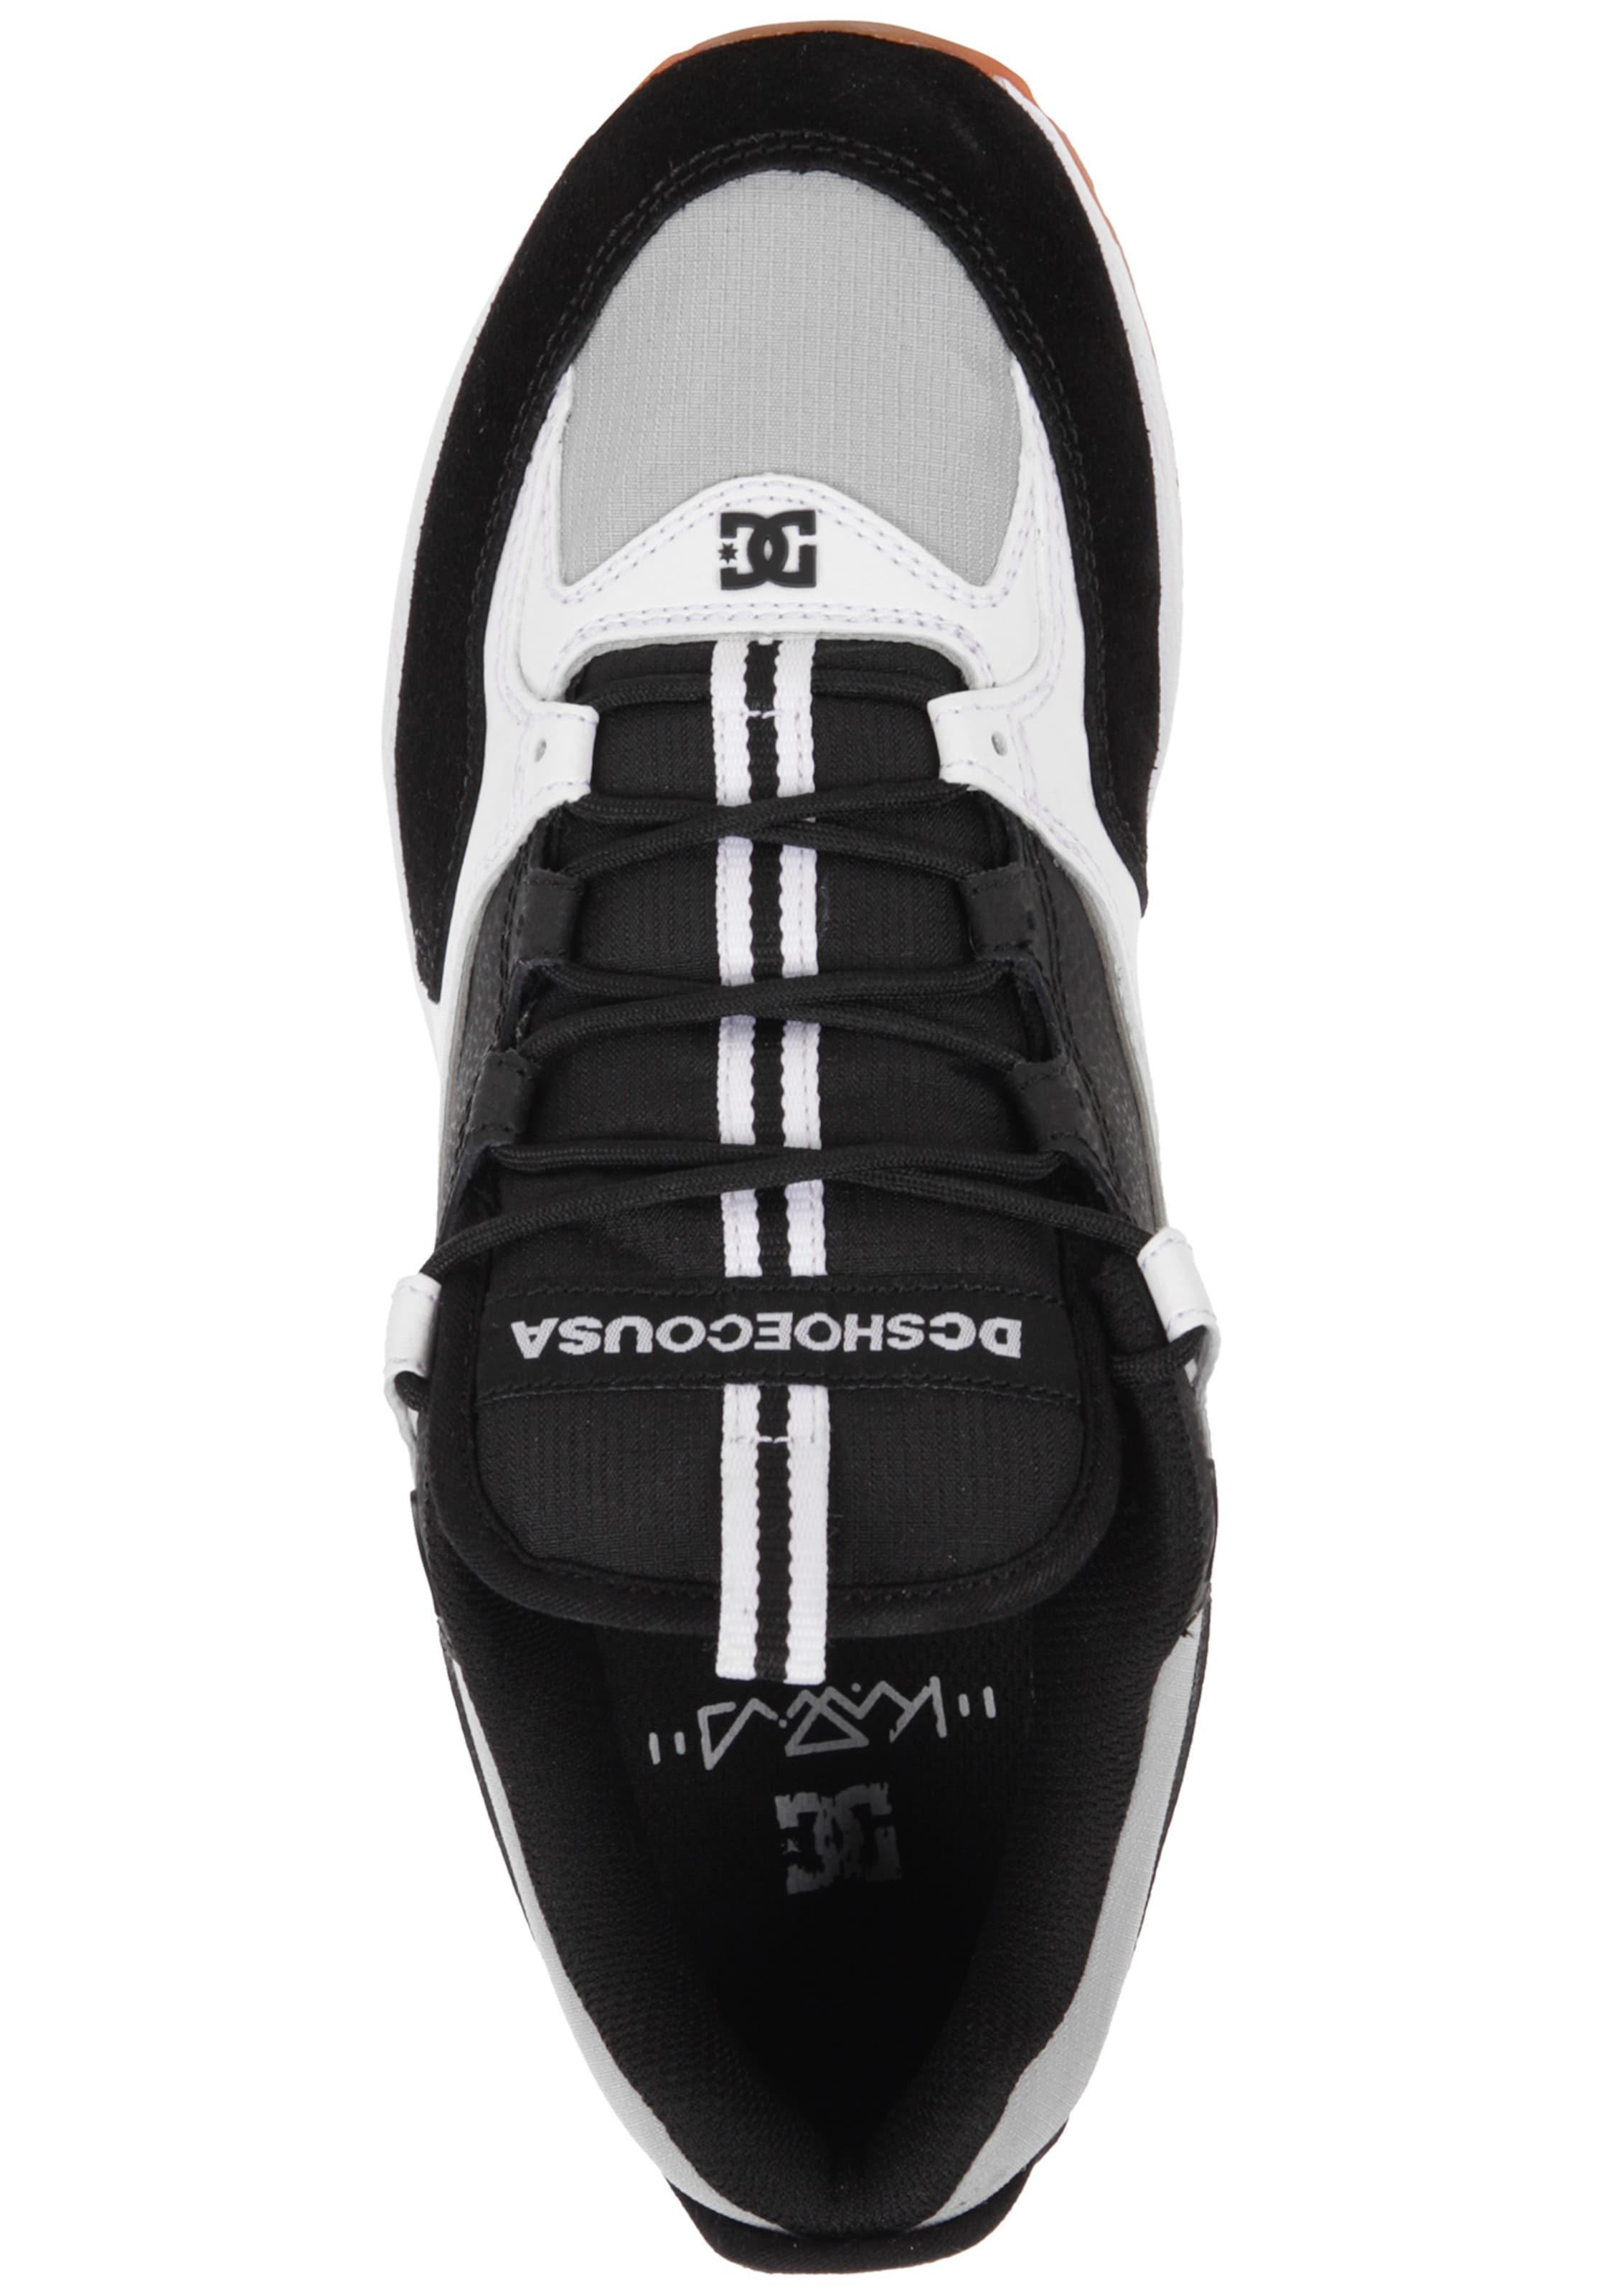 Sneaker Lite' 'kalis In GrauSchwarz Weiß Dc Shoes QrdhBtCsx